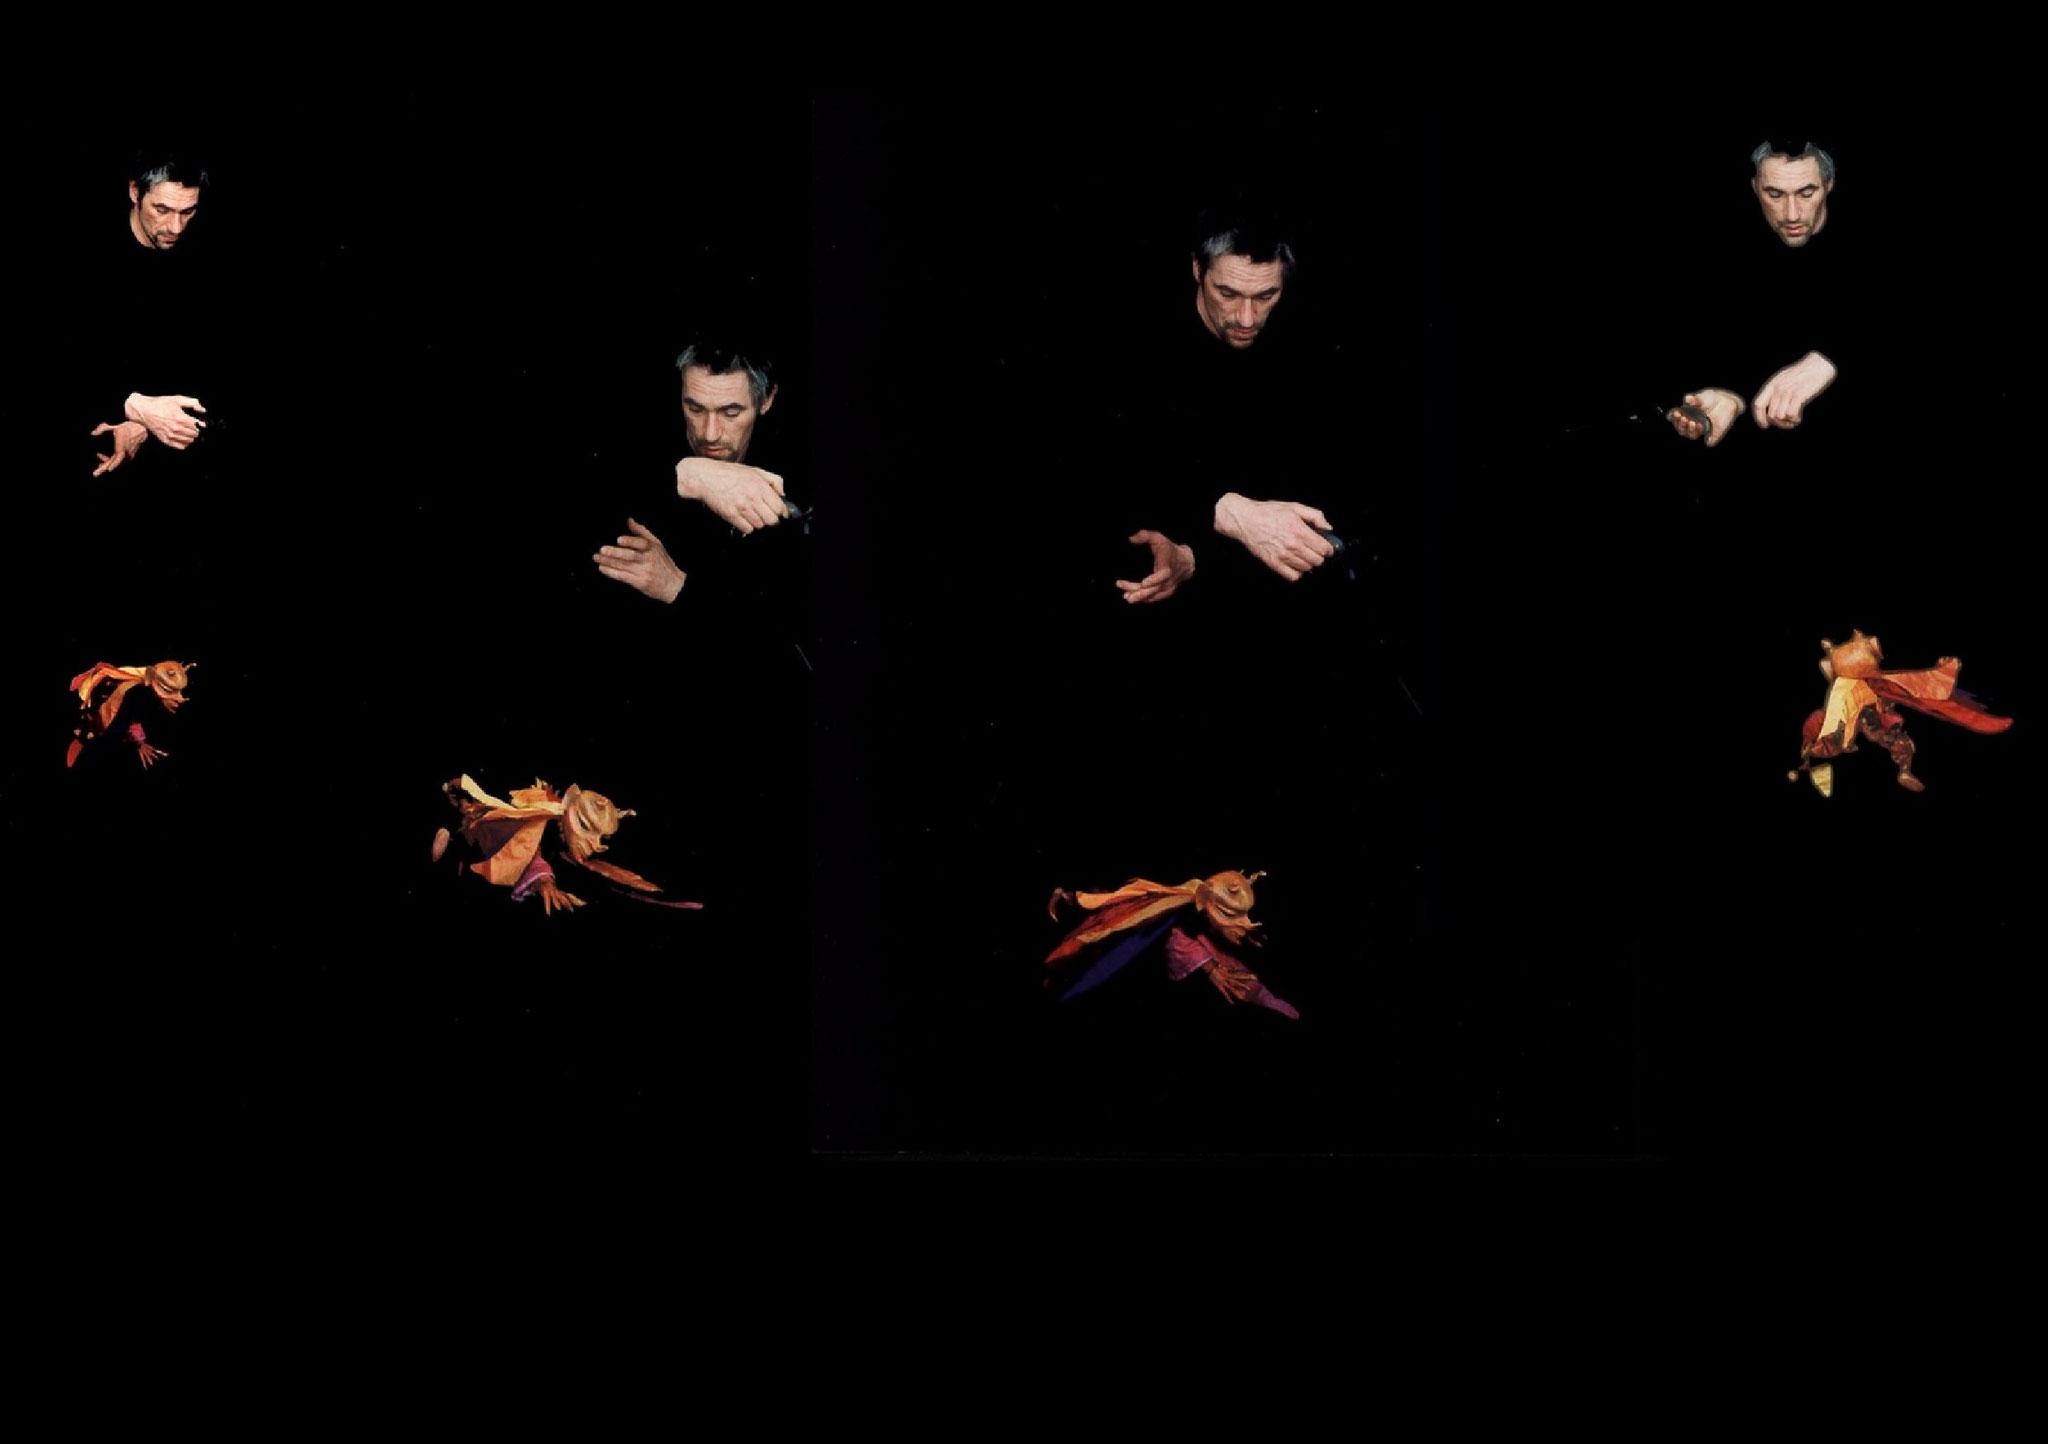 Virtuoser Tanz mit dem Feuerteufel.